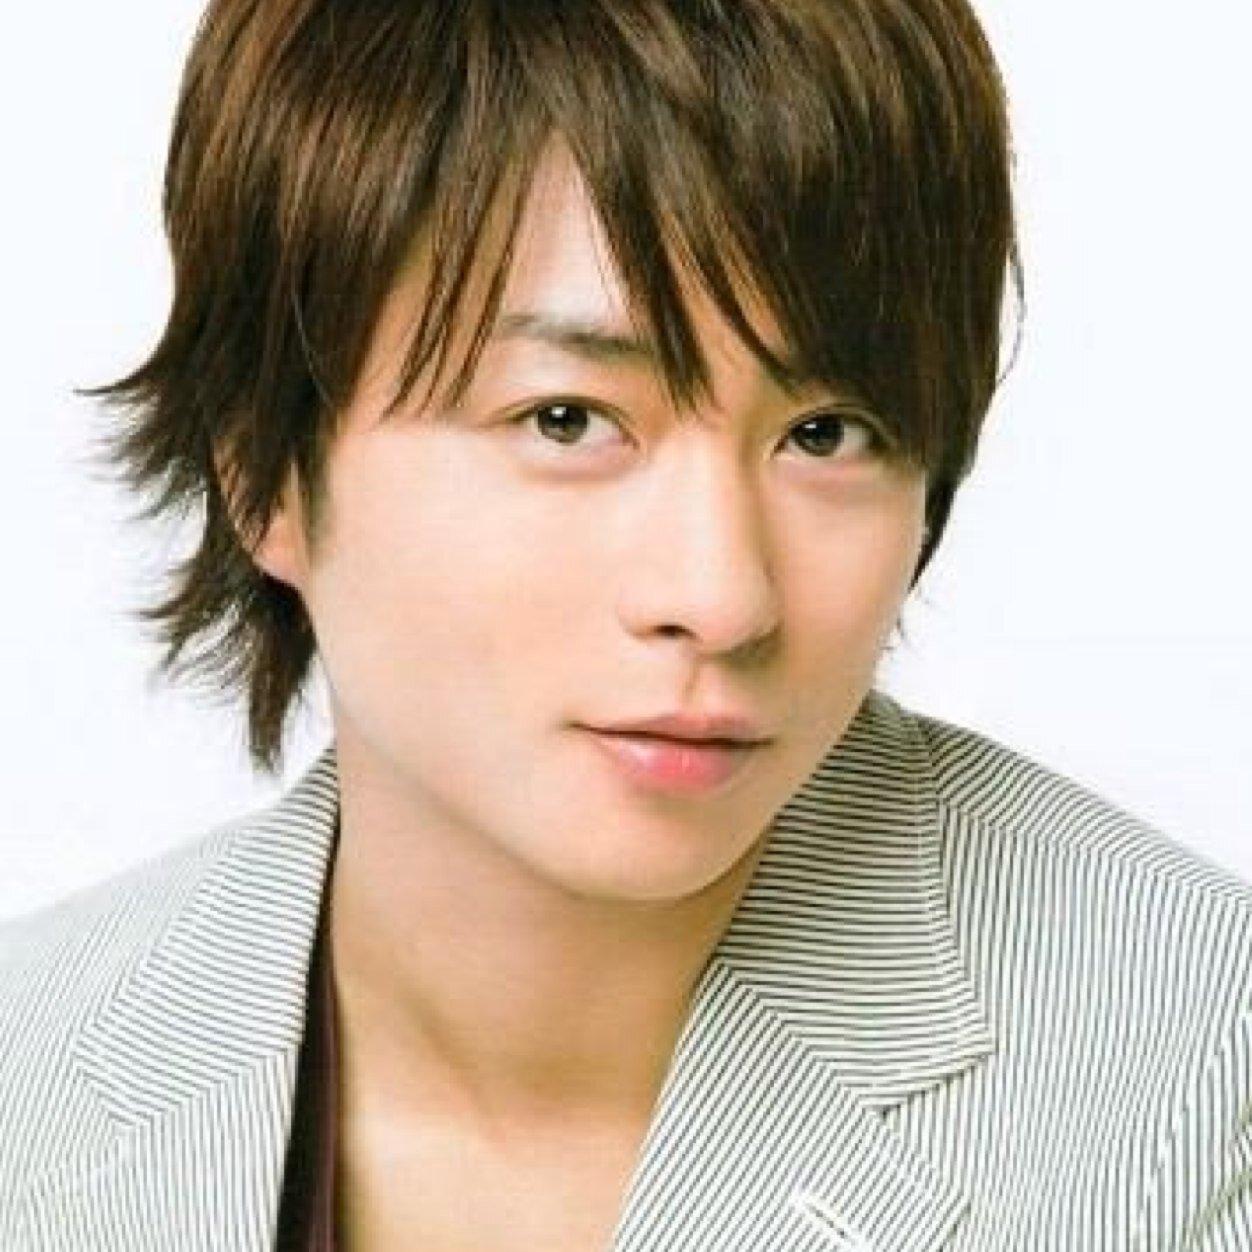 国民的アイドル!嵐のメンバー・櫻井翔のプロフィール全部見せます!のサムネイル画像